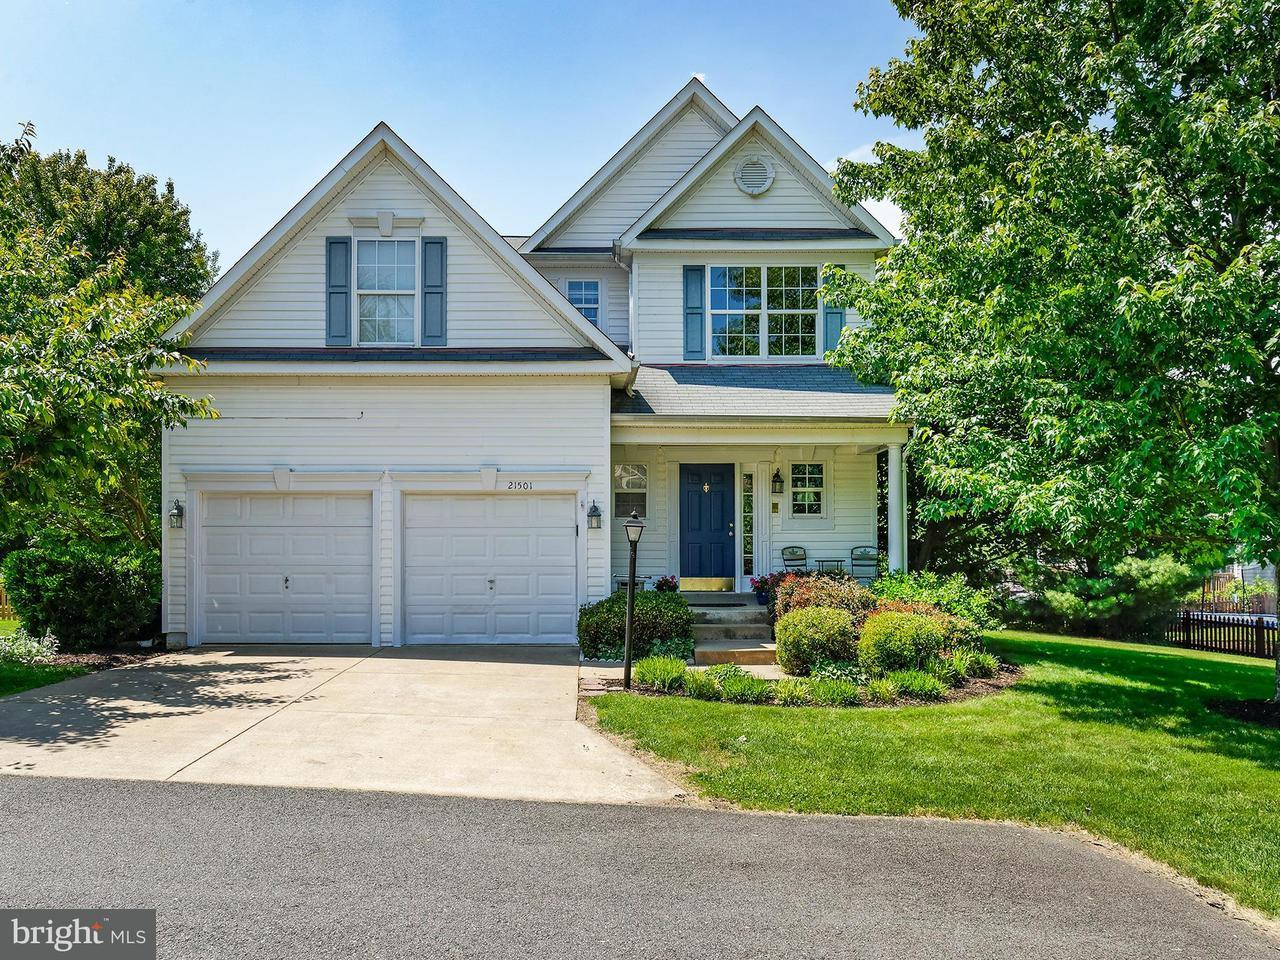 Eensgezinswoning voor Verkoop een t 21501 THORNHILL Place 21501 THORNHILL Place Broadlands, Virginia 20148 Verenigde Staten